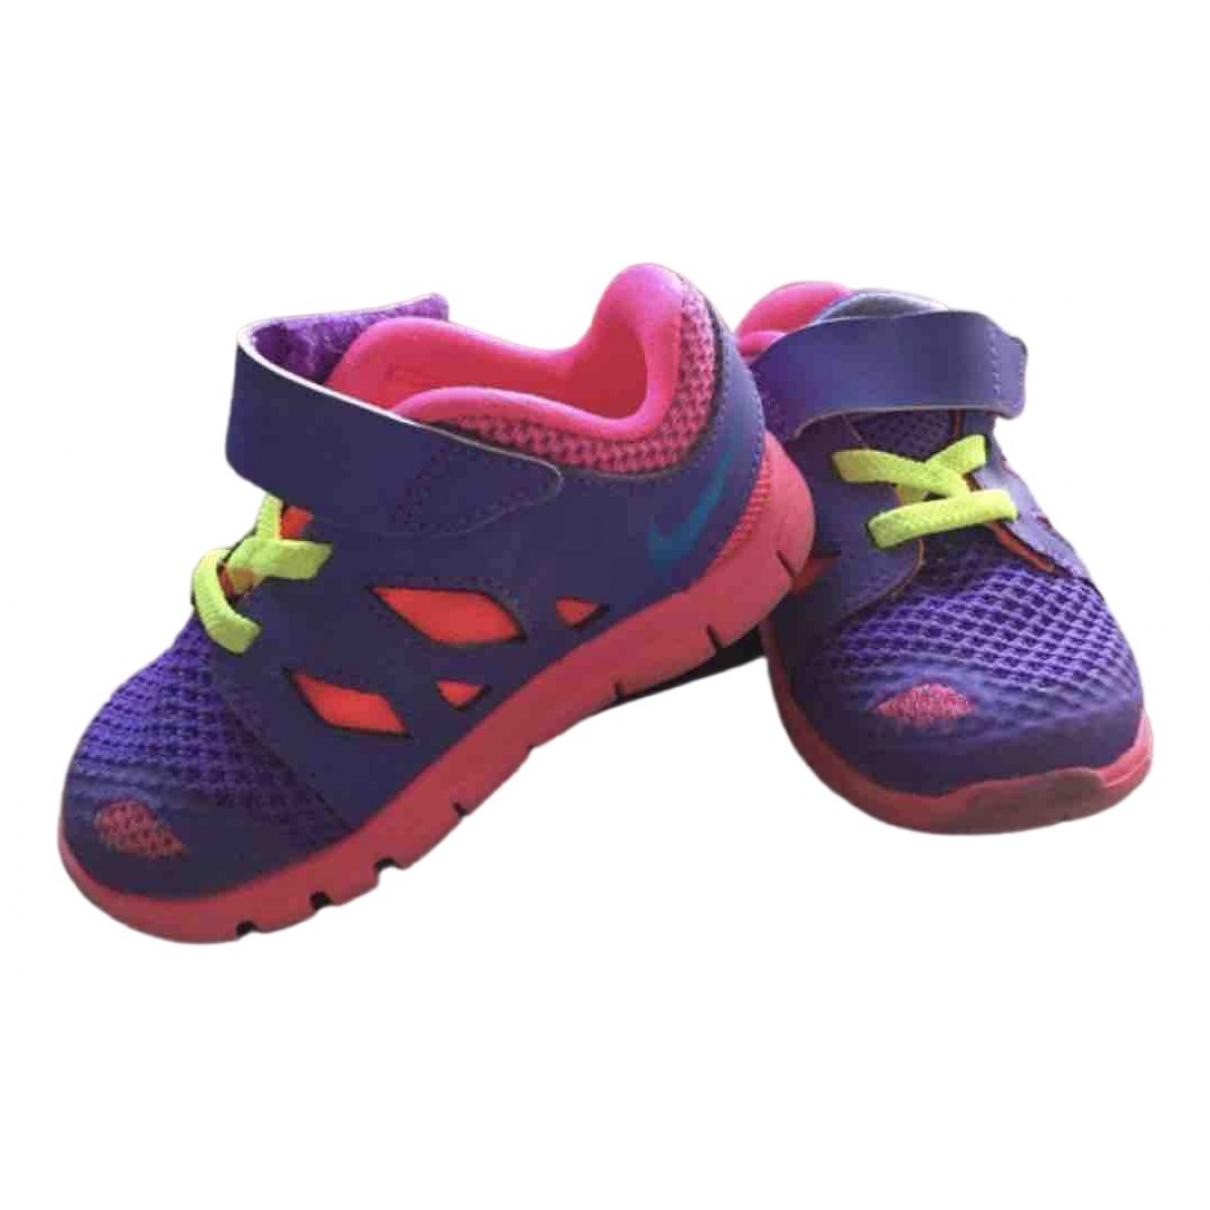 Primeros pasos de Lona Nike